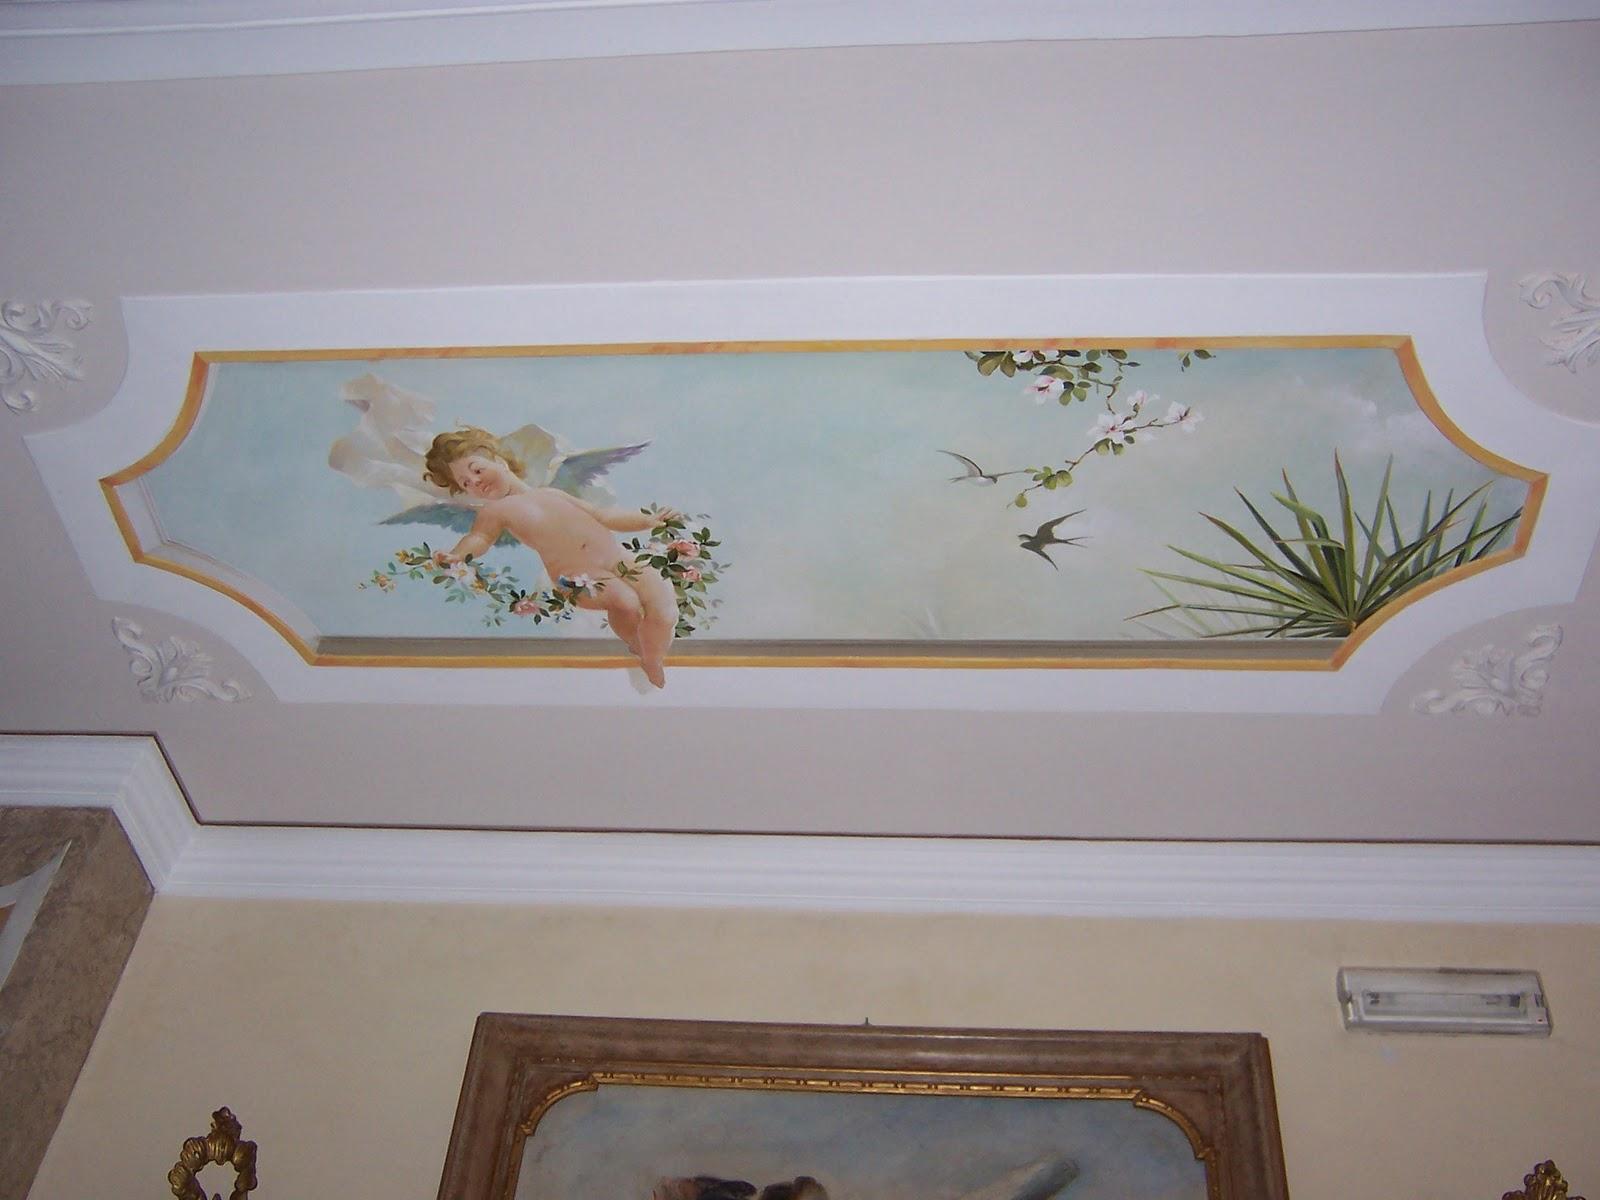 Blue decor decorazioni a soffitto trompe l 39 oeil - Decoration trompe l oeil ...